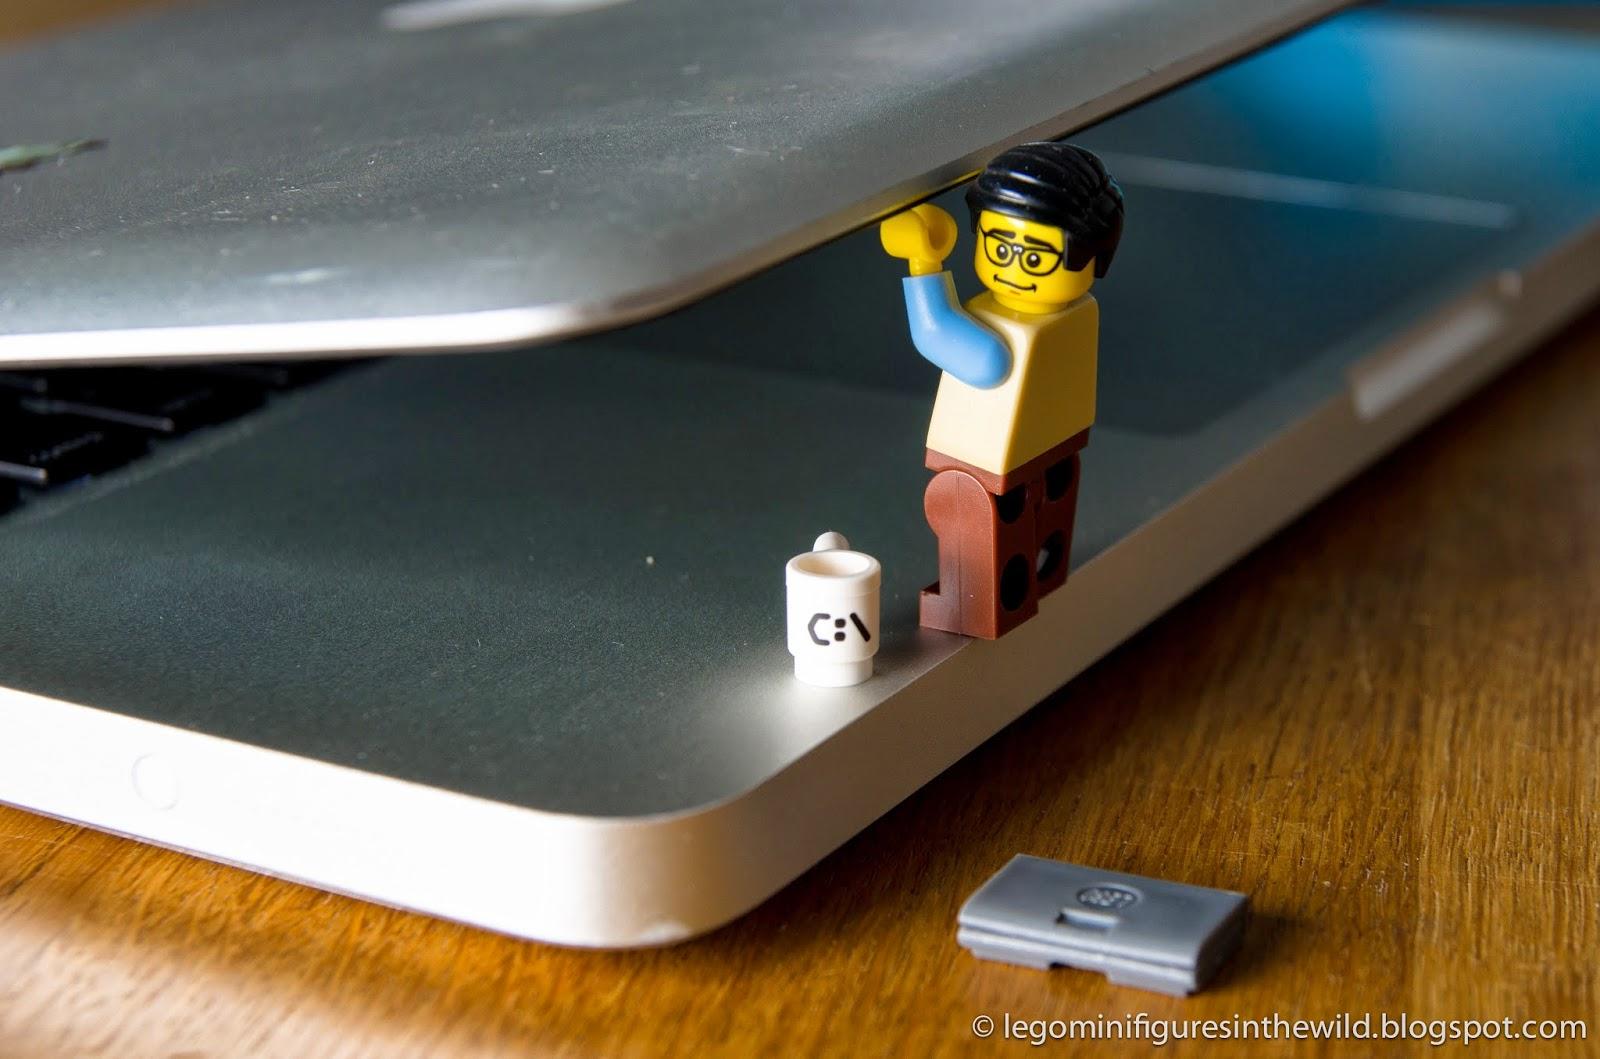 Lego Minifigure Series 7 Computer Programmer - Wallpaper